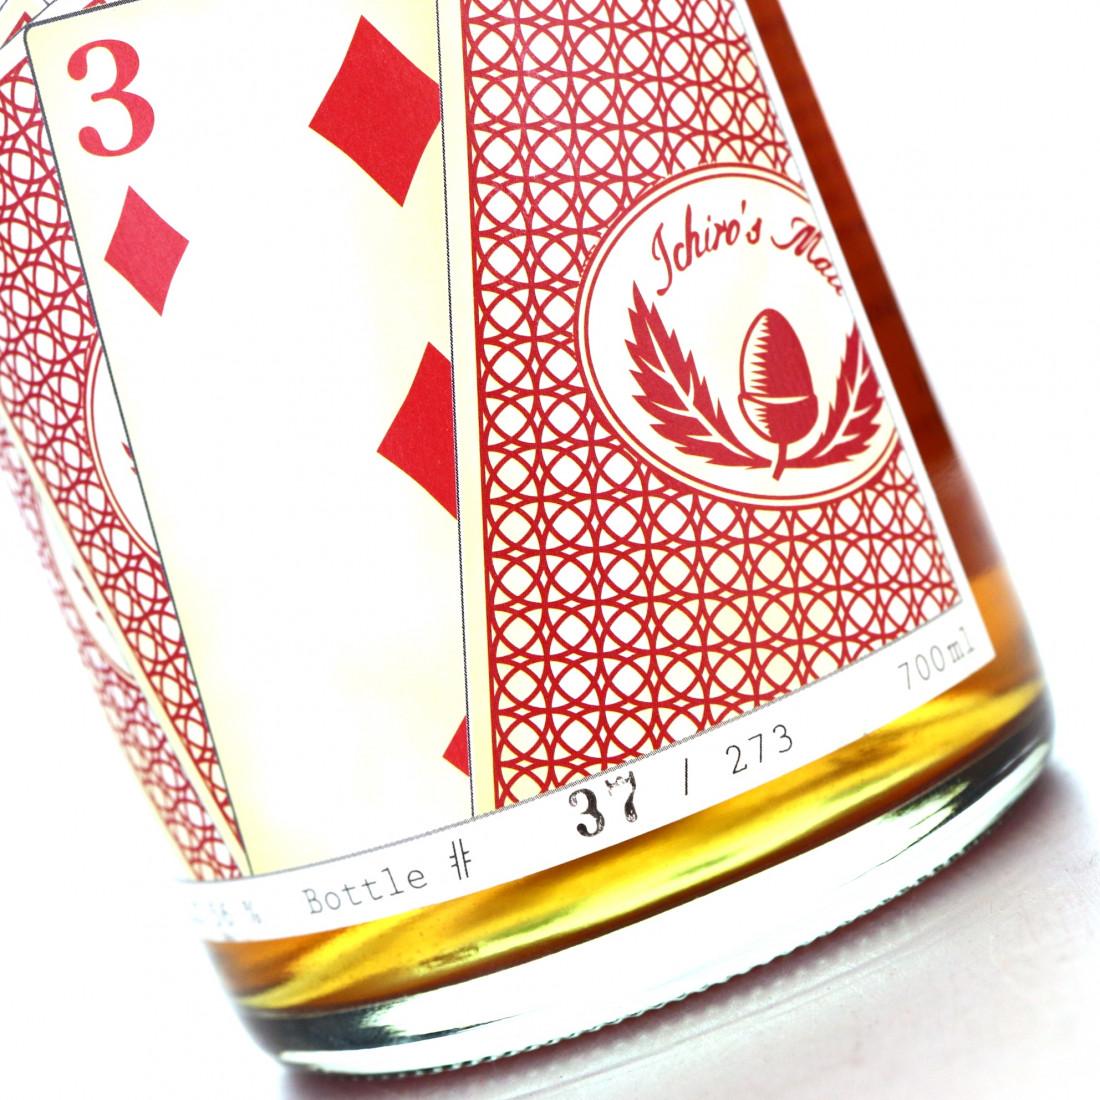 Hanyu 1988 Ichiro's Malt 'Card' #9417 / Three of Diamonds